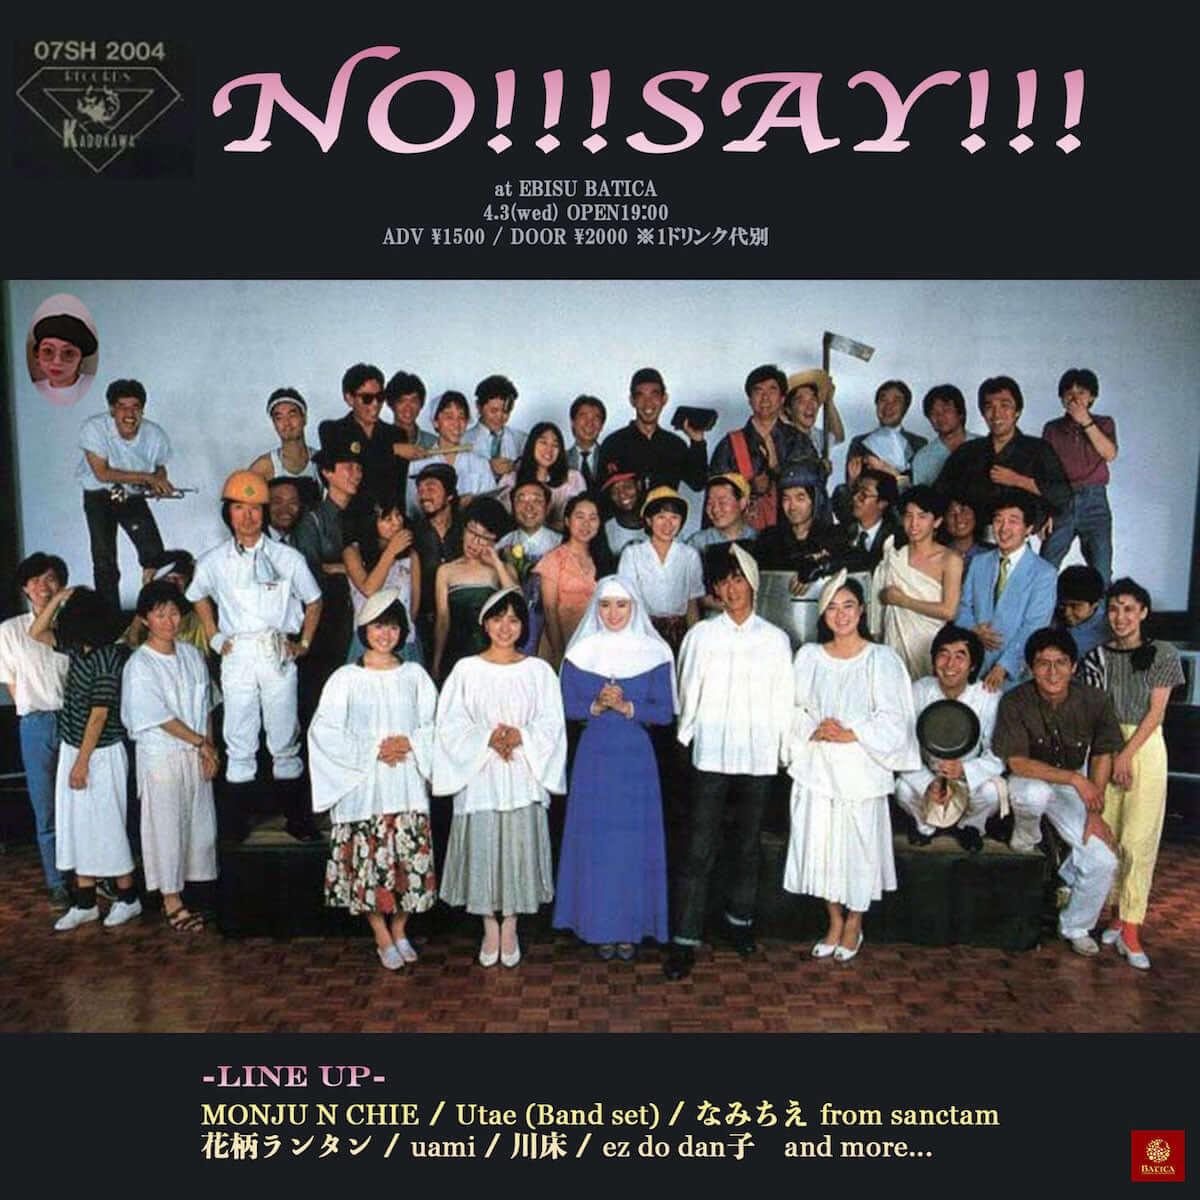 uami、花柄ランタン、Utae、MONJU N CHIEら出演!<NO!!!SAY!!!>Vol.3が開催決定 nosay-1200x1200